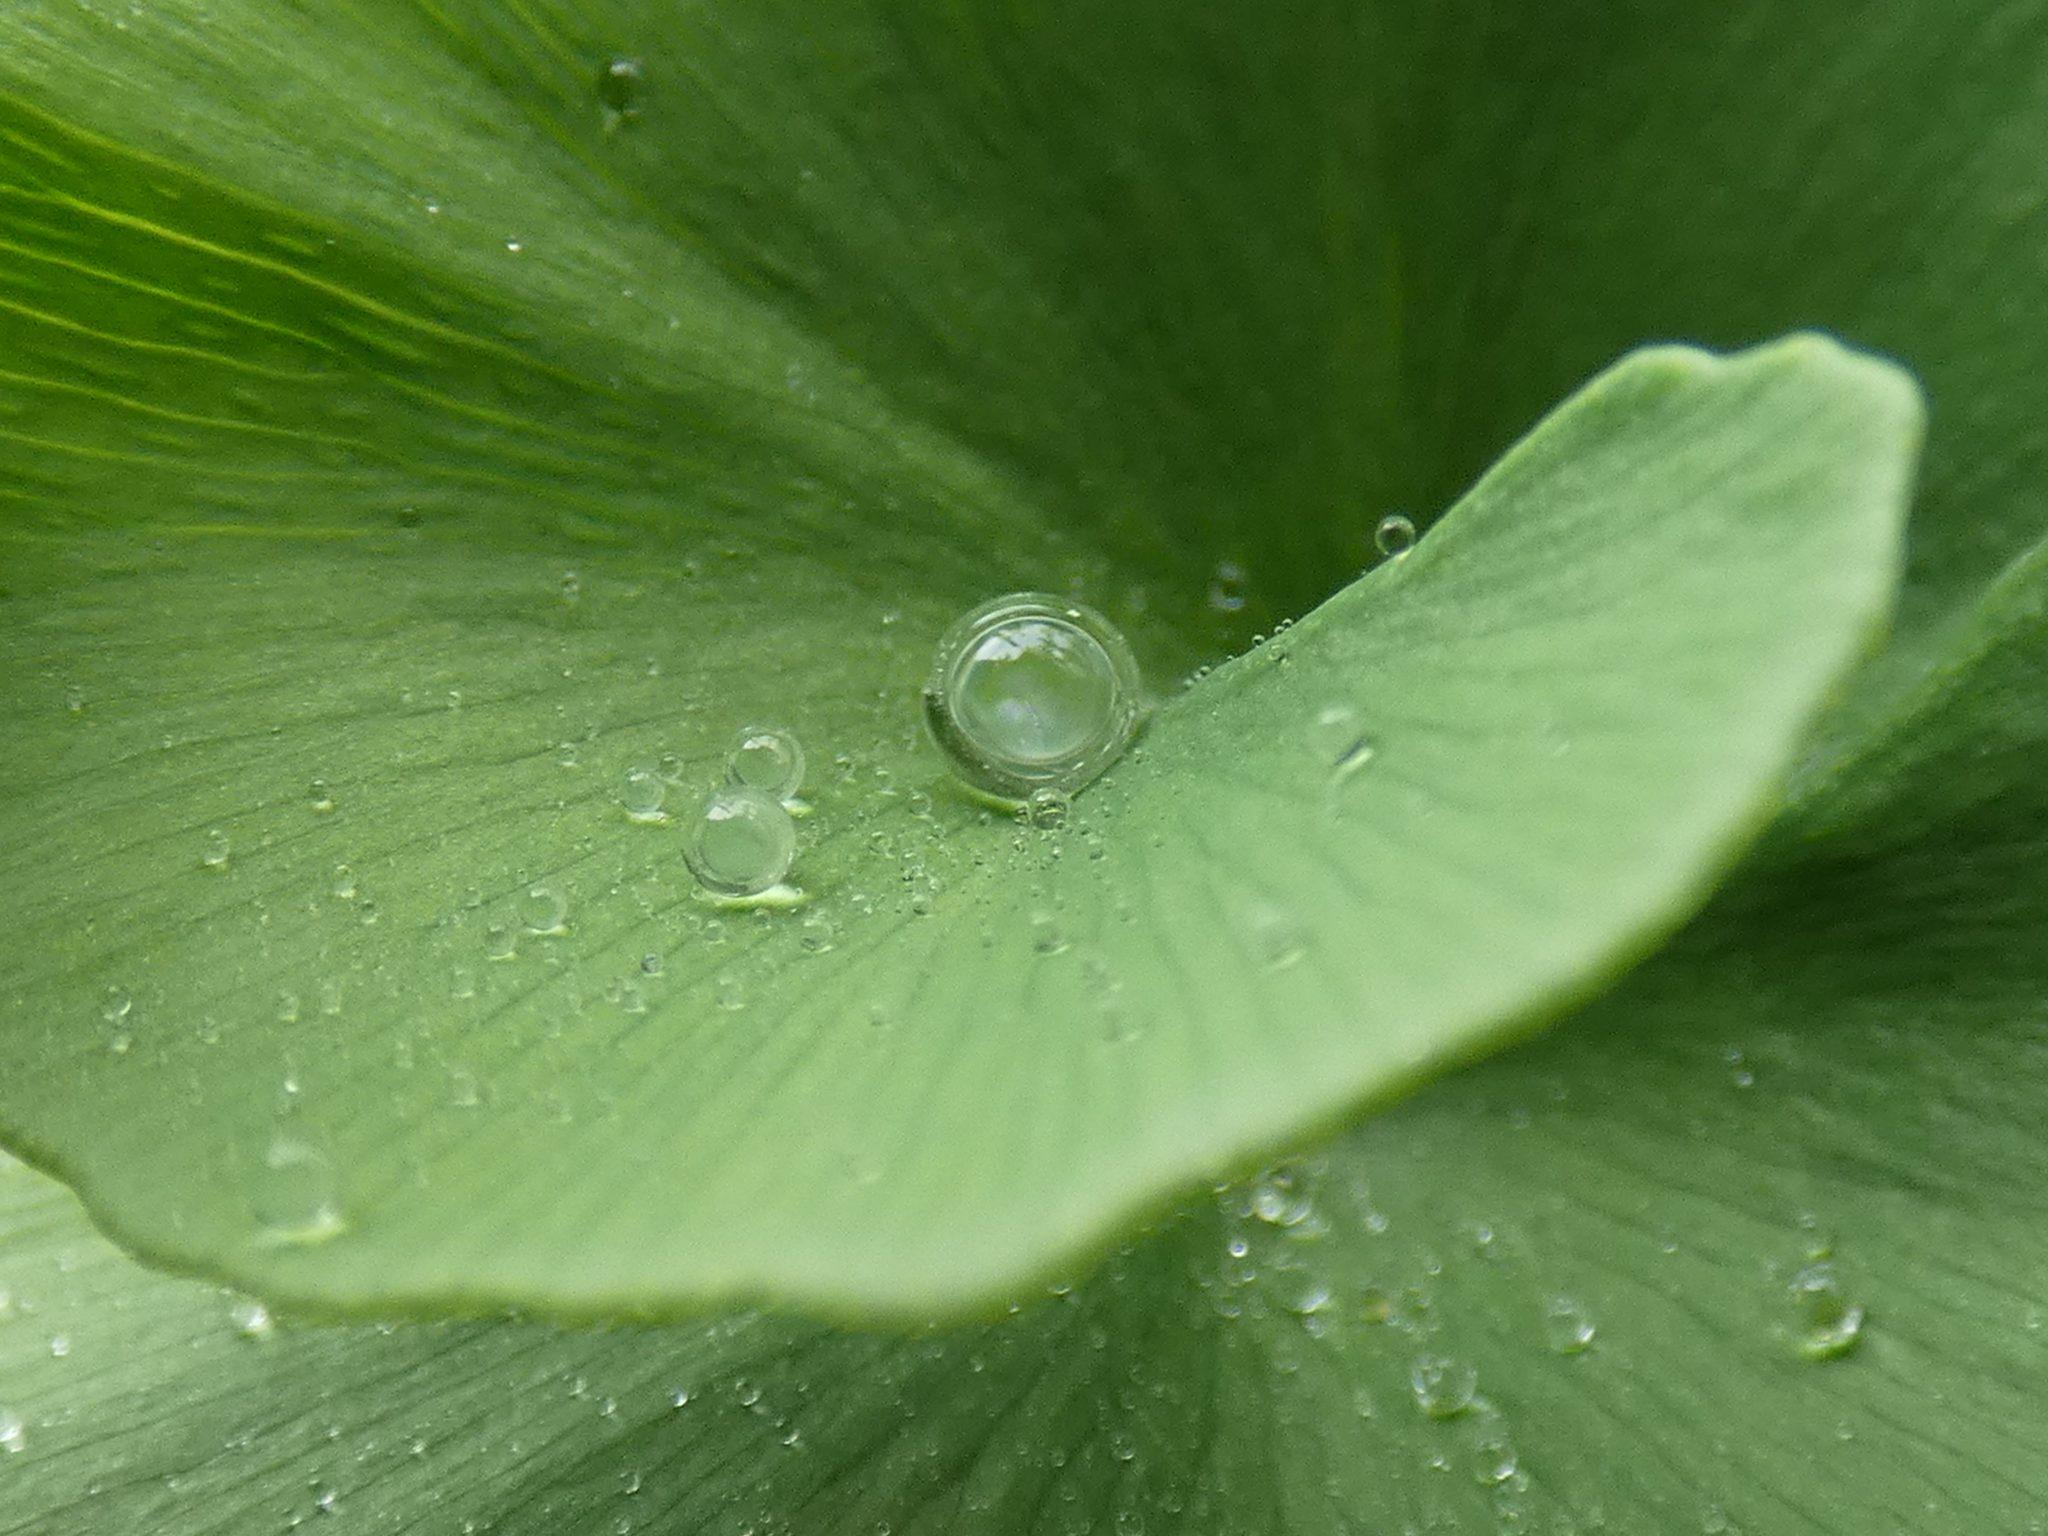 Une goutte d'eau parfaite sur un feuille de Ginkgo biloba